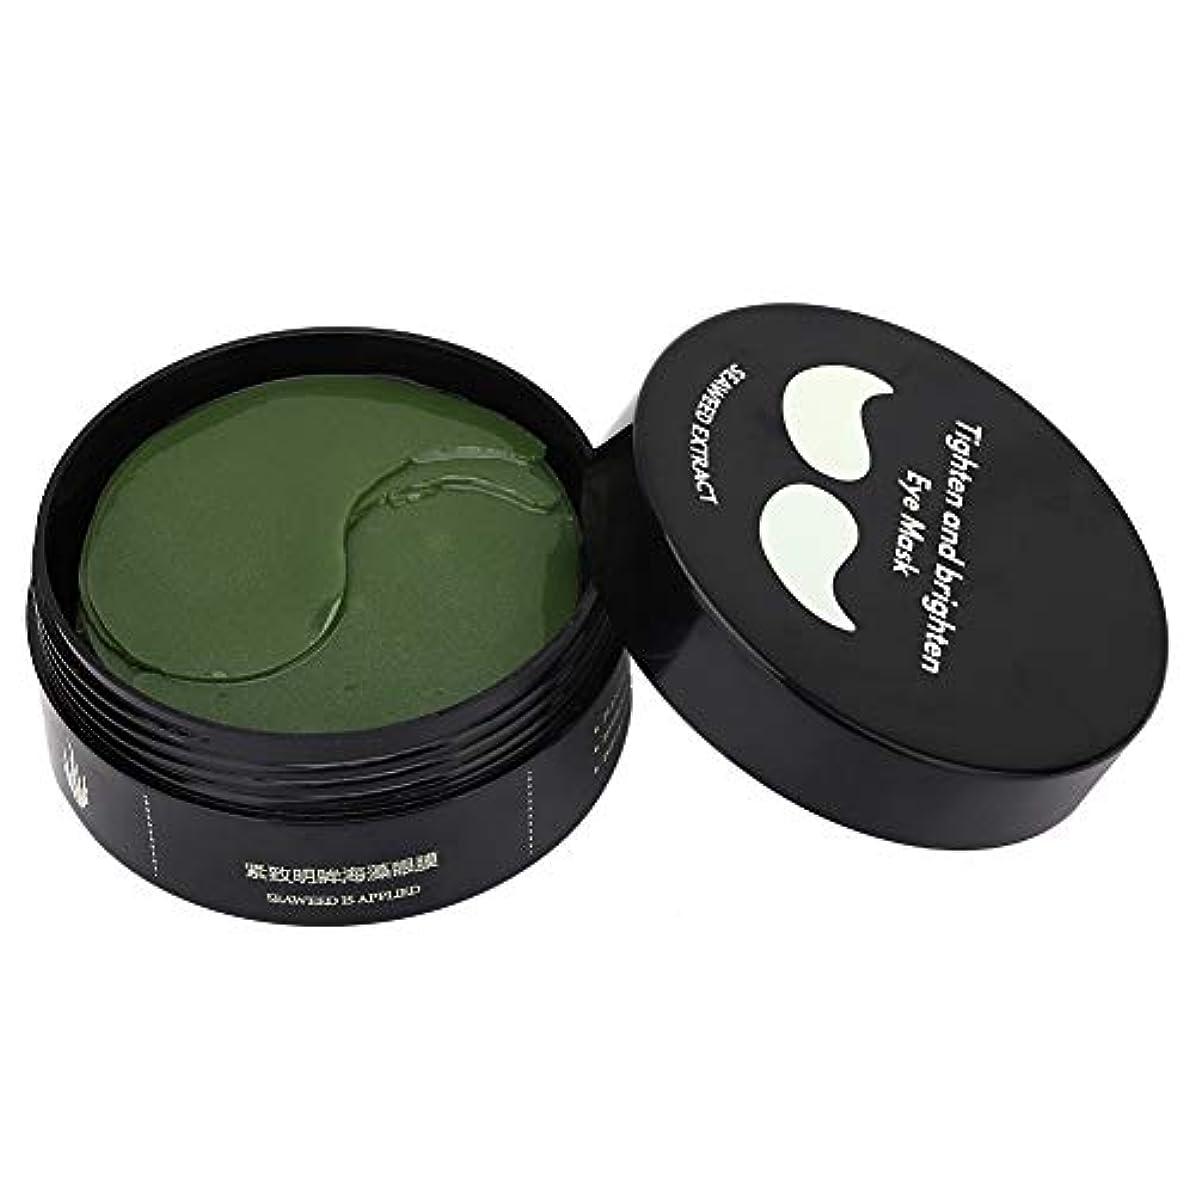 征服するペチュランス避難アイジェルマスク、60個/箱緑藻アイジェルマスクしわ防止しわくちゃダークサークル保湿引き締めパット产品標题(タイトル):